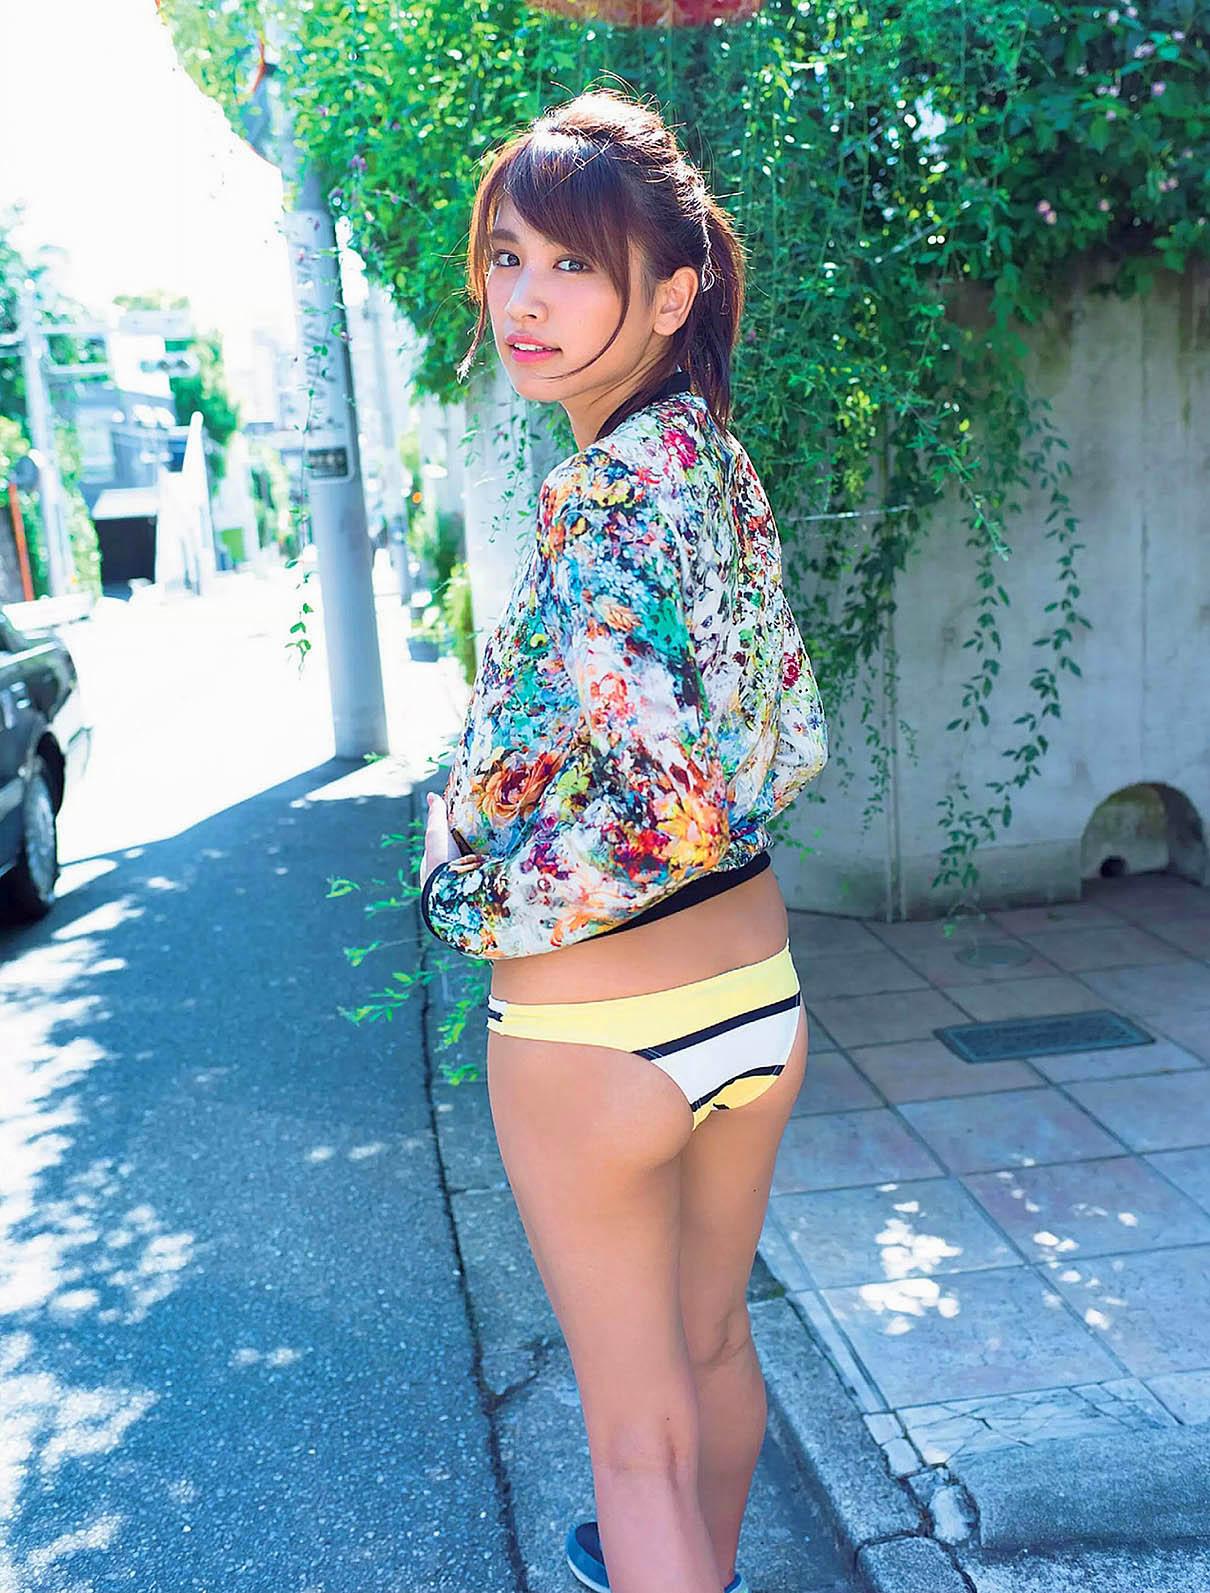 Ikumi Hisamatsu Flash 151103 02.jpg